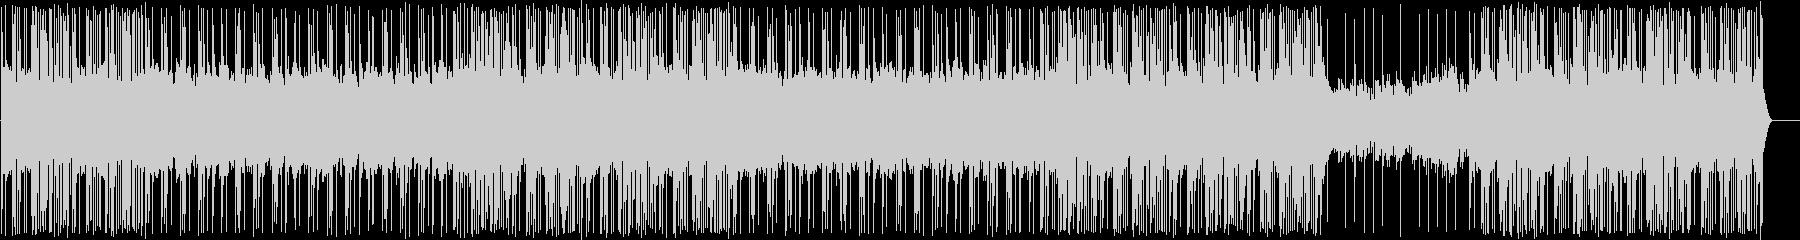 ピアノループ/ブラス/ビート/ダーク#1の未再生の波形